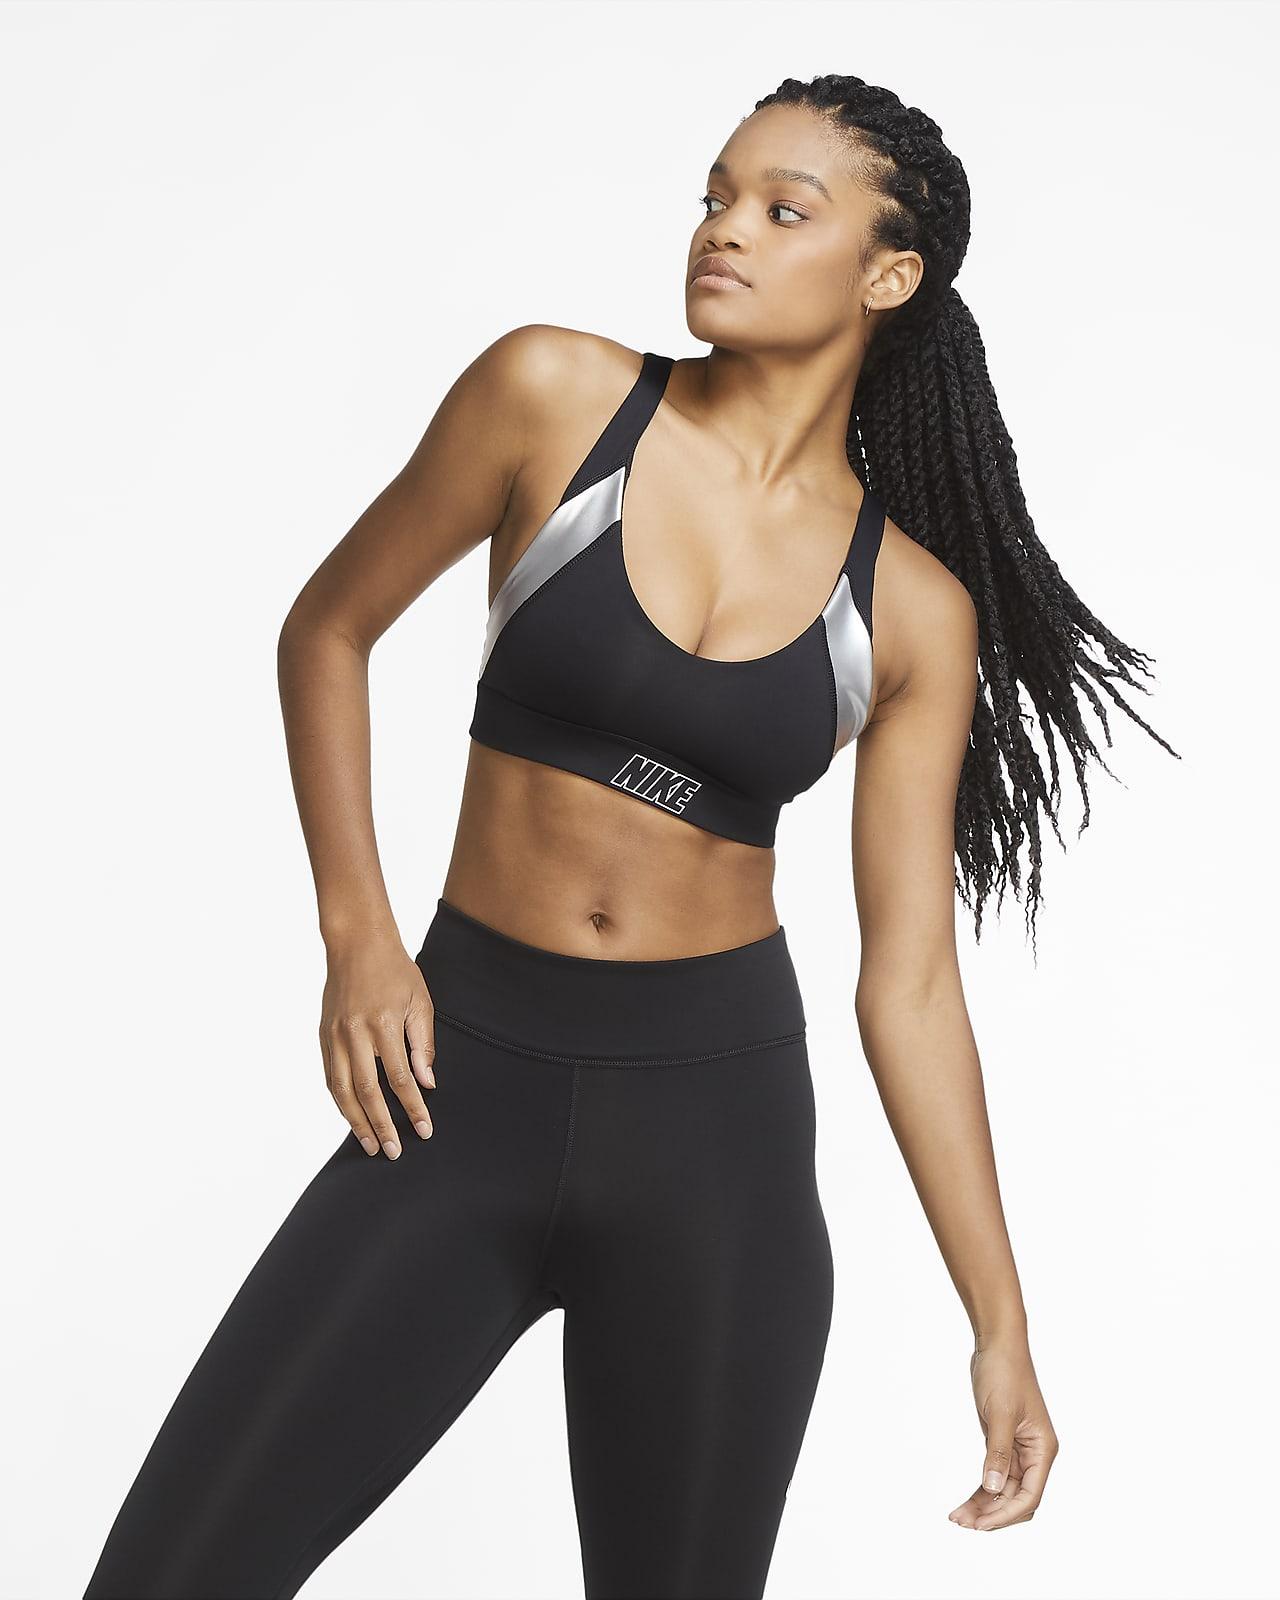 Nike Indy Hafif Destekli Dolgulu Metalik Kadın Spor Sütyeni